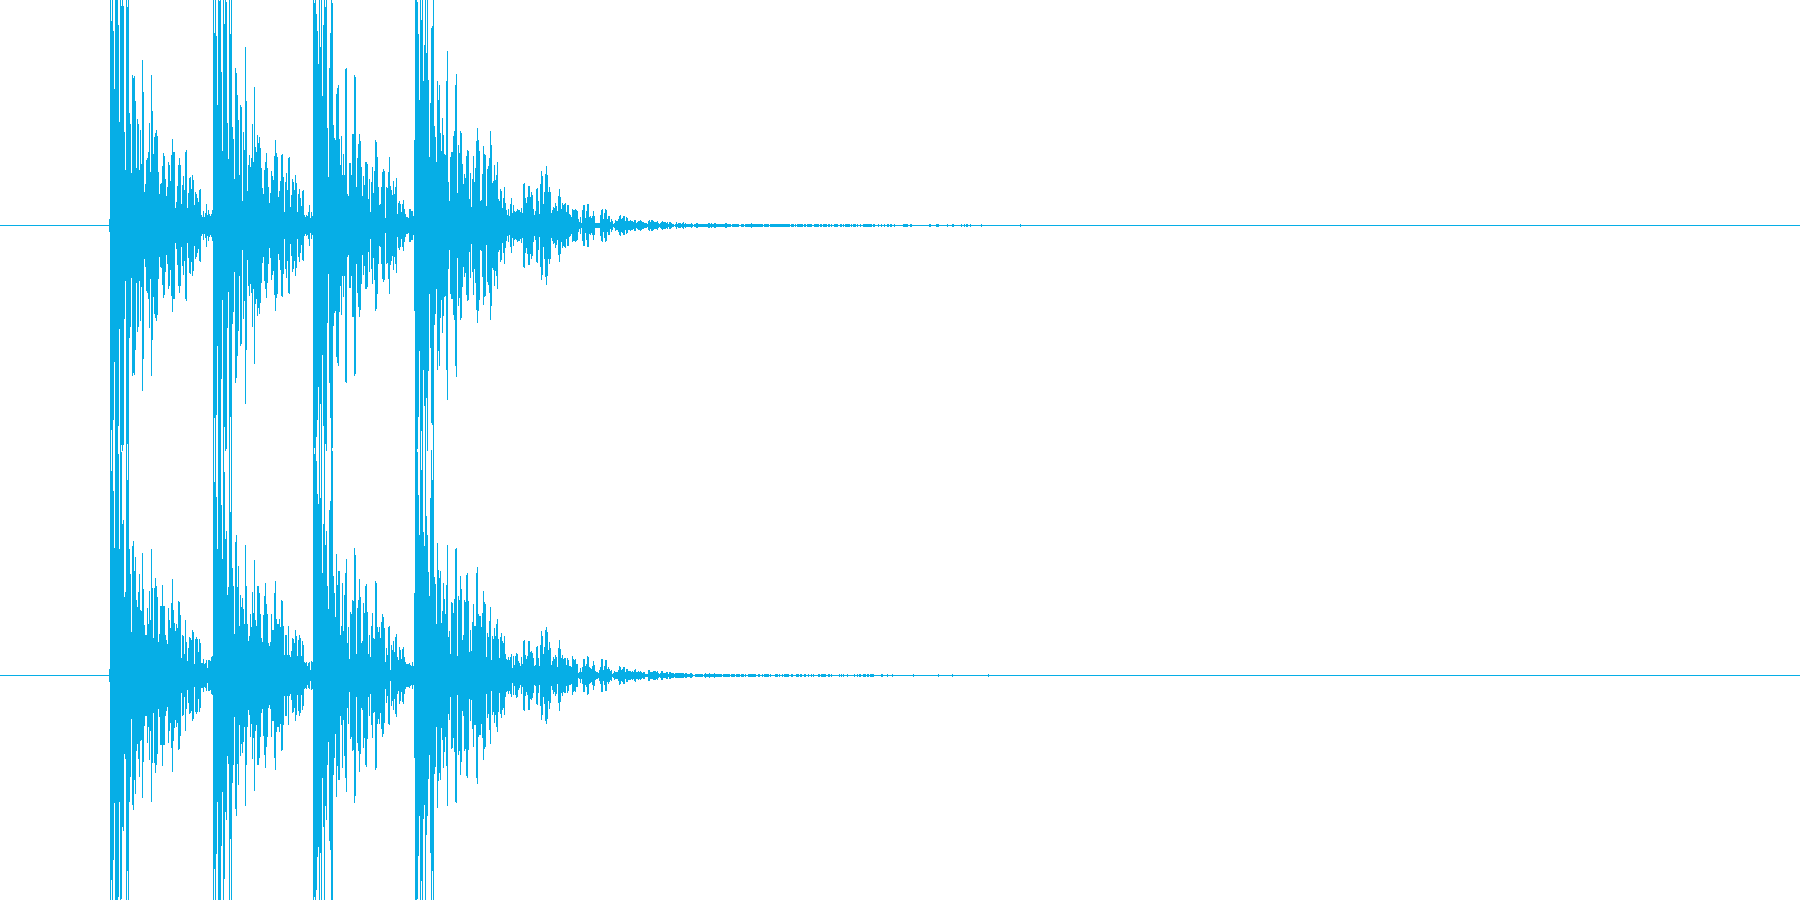 ドンドンドン(木製のドアを叩く音)の再生済みの波形